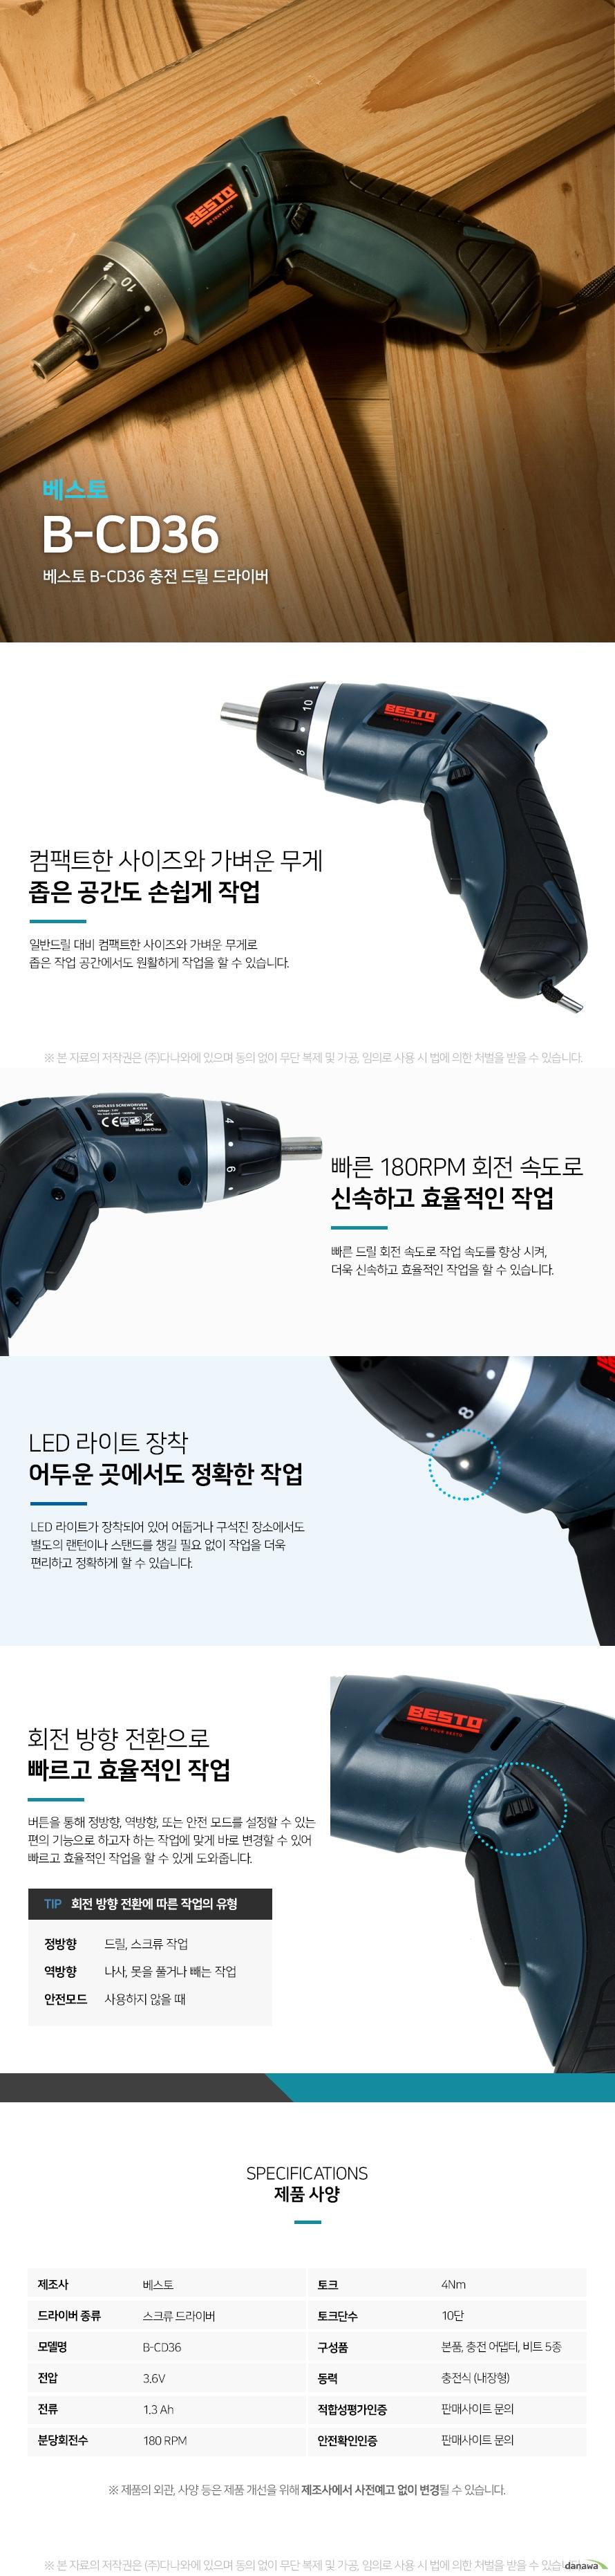 베스토 충전드릴 드라이버 컴팩트한 사이즈와 가벼운 무게 좁은 공간도 손쉽게 작업 일반드릴 대비 컴팩트한 사이즈와 가벼운 무게로 좁은 작업 공간에서도 원활하게 작업을 할 수 있습니다.  빠른 회전속도로 신속하고 효율적인 작업 빠른 드릴 회전 속도로 작업속도를 향상시켜  더욱 신속하고 효율적인 작업을 할 수 있습니다.  LED 라이트 장착 어두운 곳에서도 정확한 작업 LED 라이트가 장착되어 있어 어둡거나 구석진 장소에서도 별도의 랜턴이나 스탠드를 챙길 필요 없이 작업을 더욱 편리하고 정확하게 할 수 있습니다.  회전방향 전환으로 빠르고 효육적인 작업  버튼을 통해 정방향, 역방향 또는 안전모드를 설정할 수 있는 편의기능으로 하고자 하는 작업에 맞게 바로 변경할 수 있어 빠르고 효율적인 작업을 할 수 있게 도와줍니다.  회전방향 전환에 따른 작업의 유형 정방향 드릴, 스크류 작업 역방향 나사, 못을 풀거나 빼는 작업 안전모드 사용하지 않을 때  스크류드라이버 가정이나 일상생활에서 가장 많이 쓰이는 전동드라이버인 스크류 드라이버는 대부분  크기가 작고 가벼우며, 드릴로는 들어가지 않는 작은 나사와 피스를 조이고 풀 때 사용합니다.  PC나 DIY 가구 소품 등을 조립하거나 소형 가전의 간단한 수리 용도로 주로 사용합니다.    간단한 나사, 피스를 조이고 풀때 사용 소형가전의 간단한 수리 및 조립 시 사용    그 외 전동드릴 드라이버의 종류 일반드릴 드릴드라이버 드릴의 회전력을 이용하여 목재, 얇은 석재 등 연한 재질에 구멍을 뚫는 드릴 기능과 피스를 조이거나 푸는 드라이버 기능을 함께 사용하는 공구로, 셀프 인테리어, DIY 가구 조립에서 사용합니다. 해머드릴 망치로 때리는 듯한 왕복 타격과 강한 회전력을 이용하여 콘크리트, 철 등을 뚫을 때와 벽, 바닥을 파쇄 또는 철거할 때 사용합니다. 인테리어, 공사현장 등 주로 전문 작업 용도로 많이 쓰입니다. 로터리해머드릴 망치로 때리는 듯한 왕복 타격과 강한 회전력을 이용하여 콘크리트, 철 등을 뚫을 때와 벽, 바닥을 파쇄 또는 철거할 때 사용합니다. 인테리어, 공사현장 등 주로 전문 작업 용도로 많이 쓰입니다.   임팩트드라이버 육각으로 된 드릴, 비트를 장착해서 많은 수의 나사 또는 너트를 빠르고 강하게 조이거나 풀 때 사용합니다. 판넬, 전기배선 작업,  인테리어 등 주로 전문 작업 용도로 많이 쓰입니다.  임팩트렌치 임팩소켓, 복스소켓을 장착해서 많은 수의 나사 또는 너트를 빠르고 강하게 조이거나 풀 때 사용합니다. 건설 현장, 자동차 정비 등 주로 전문 작업 용도로 많이 쓰입니다.